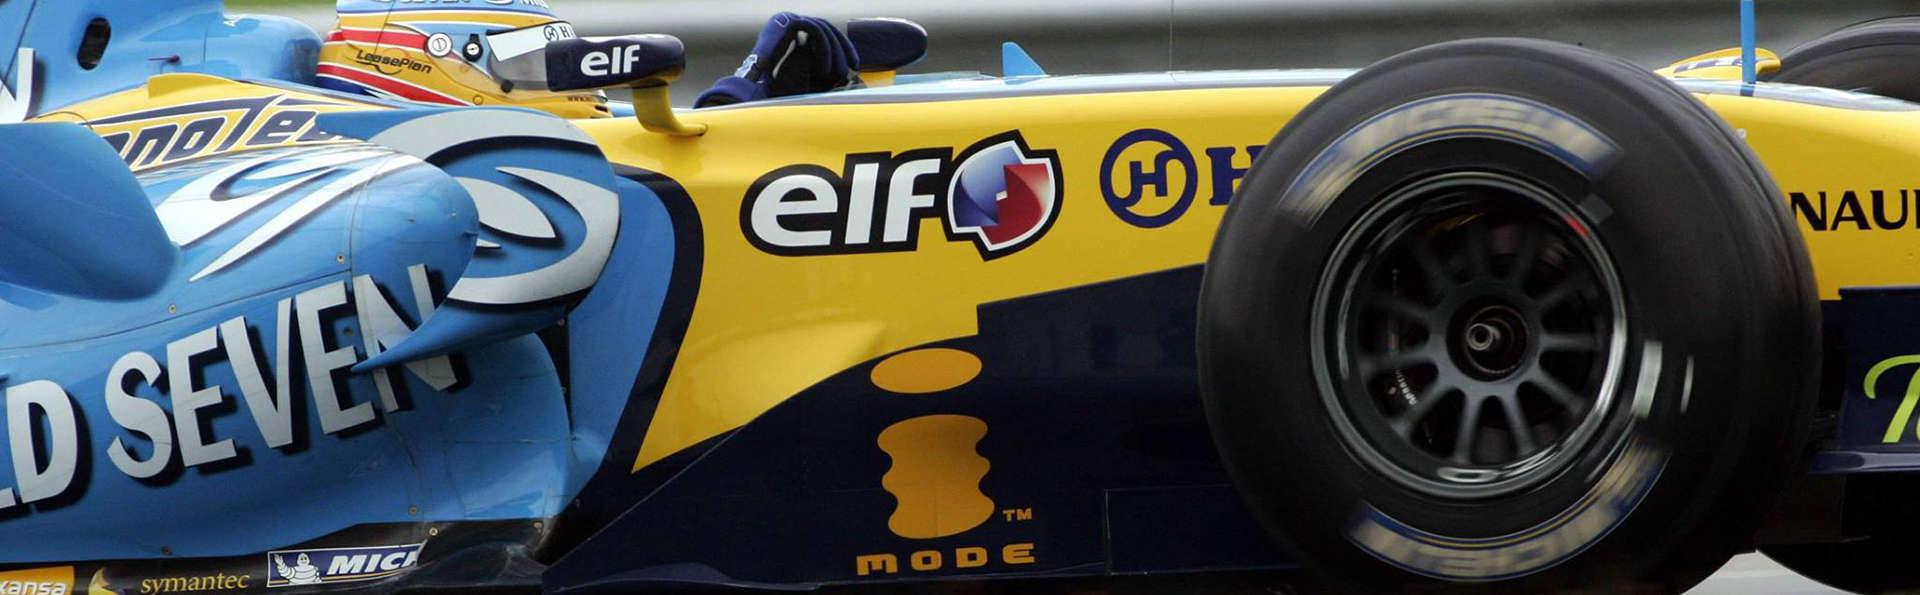 Circuito Fernando Alonso Oviedo : Comienza el campeonato de españa de karting en el circuito